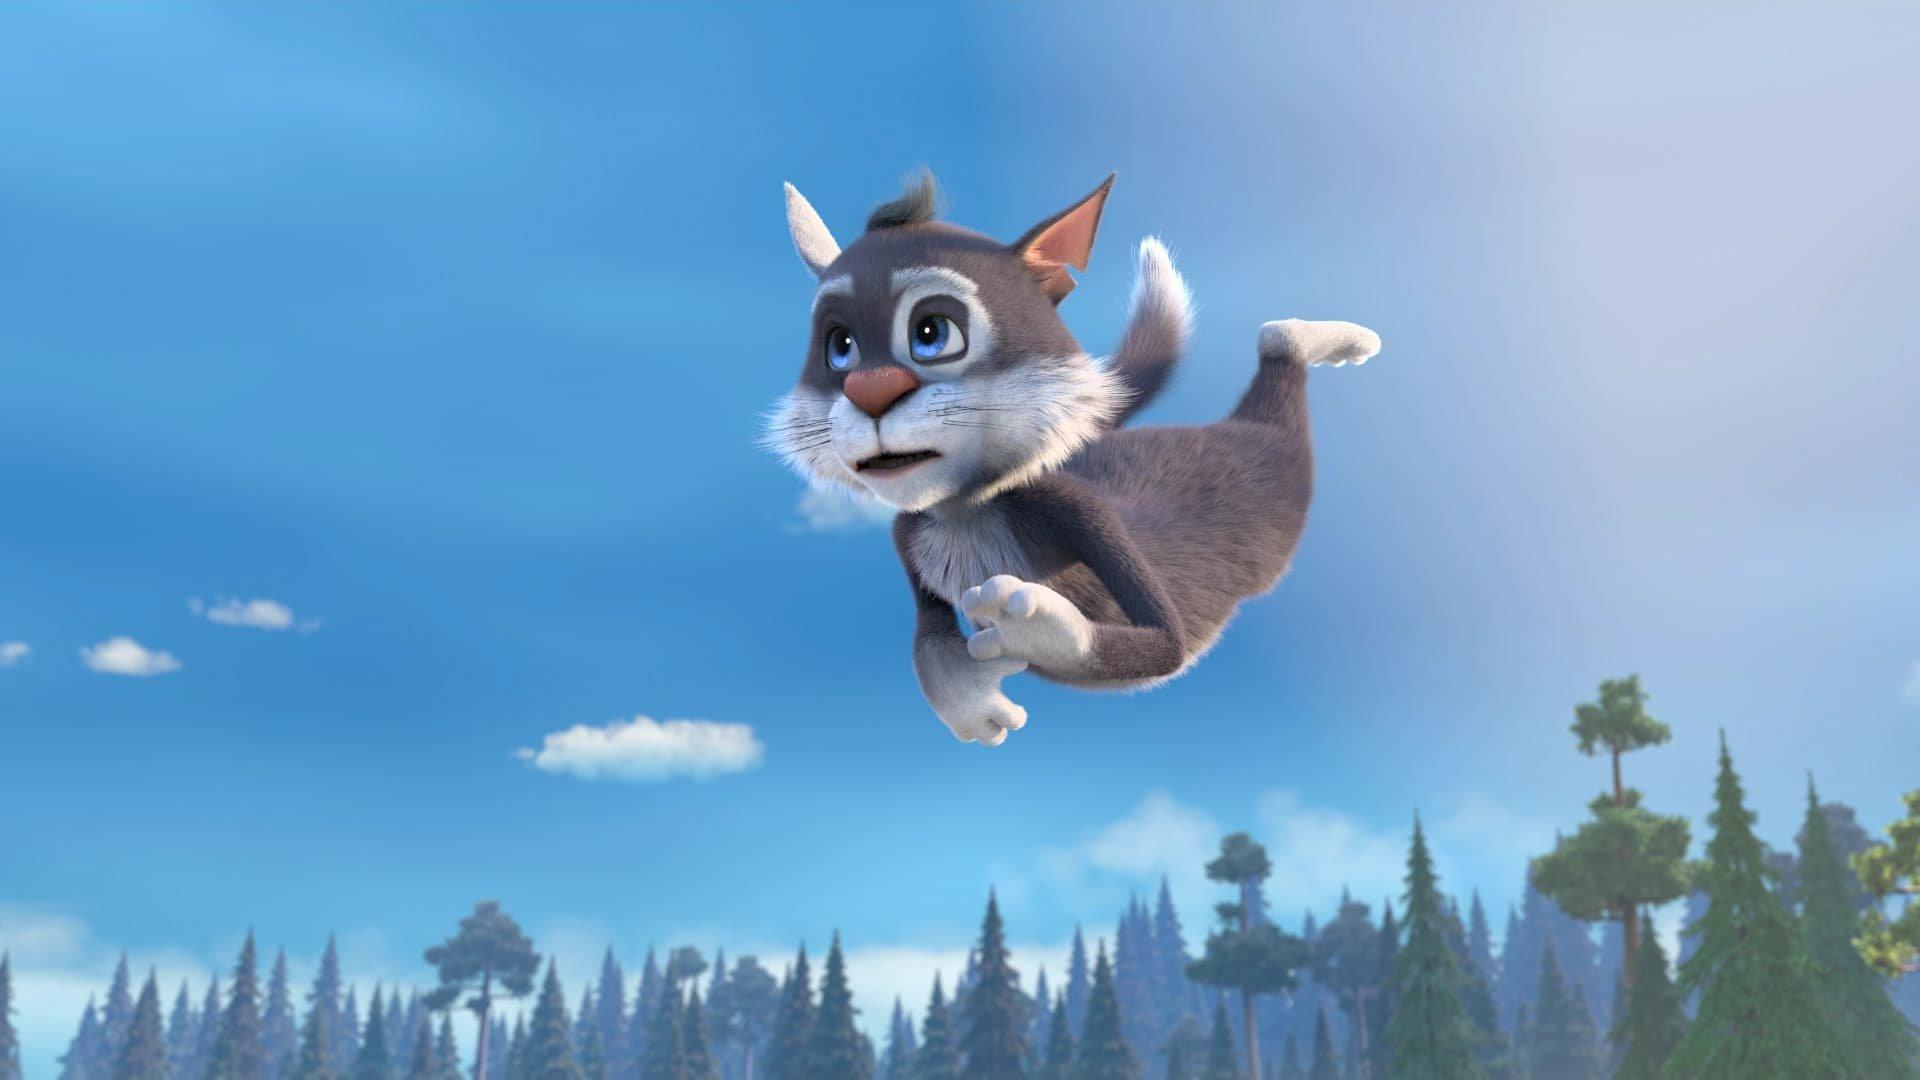 two tails movie ile ilgili görsel sonucu